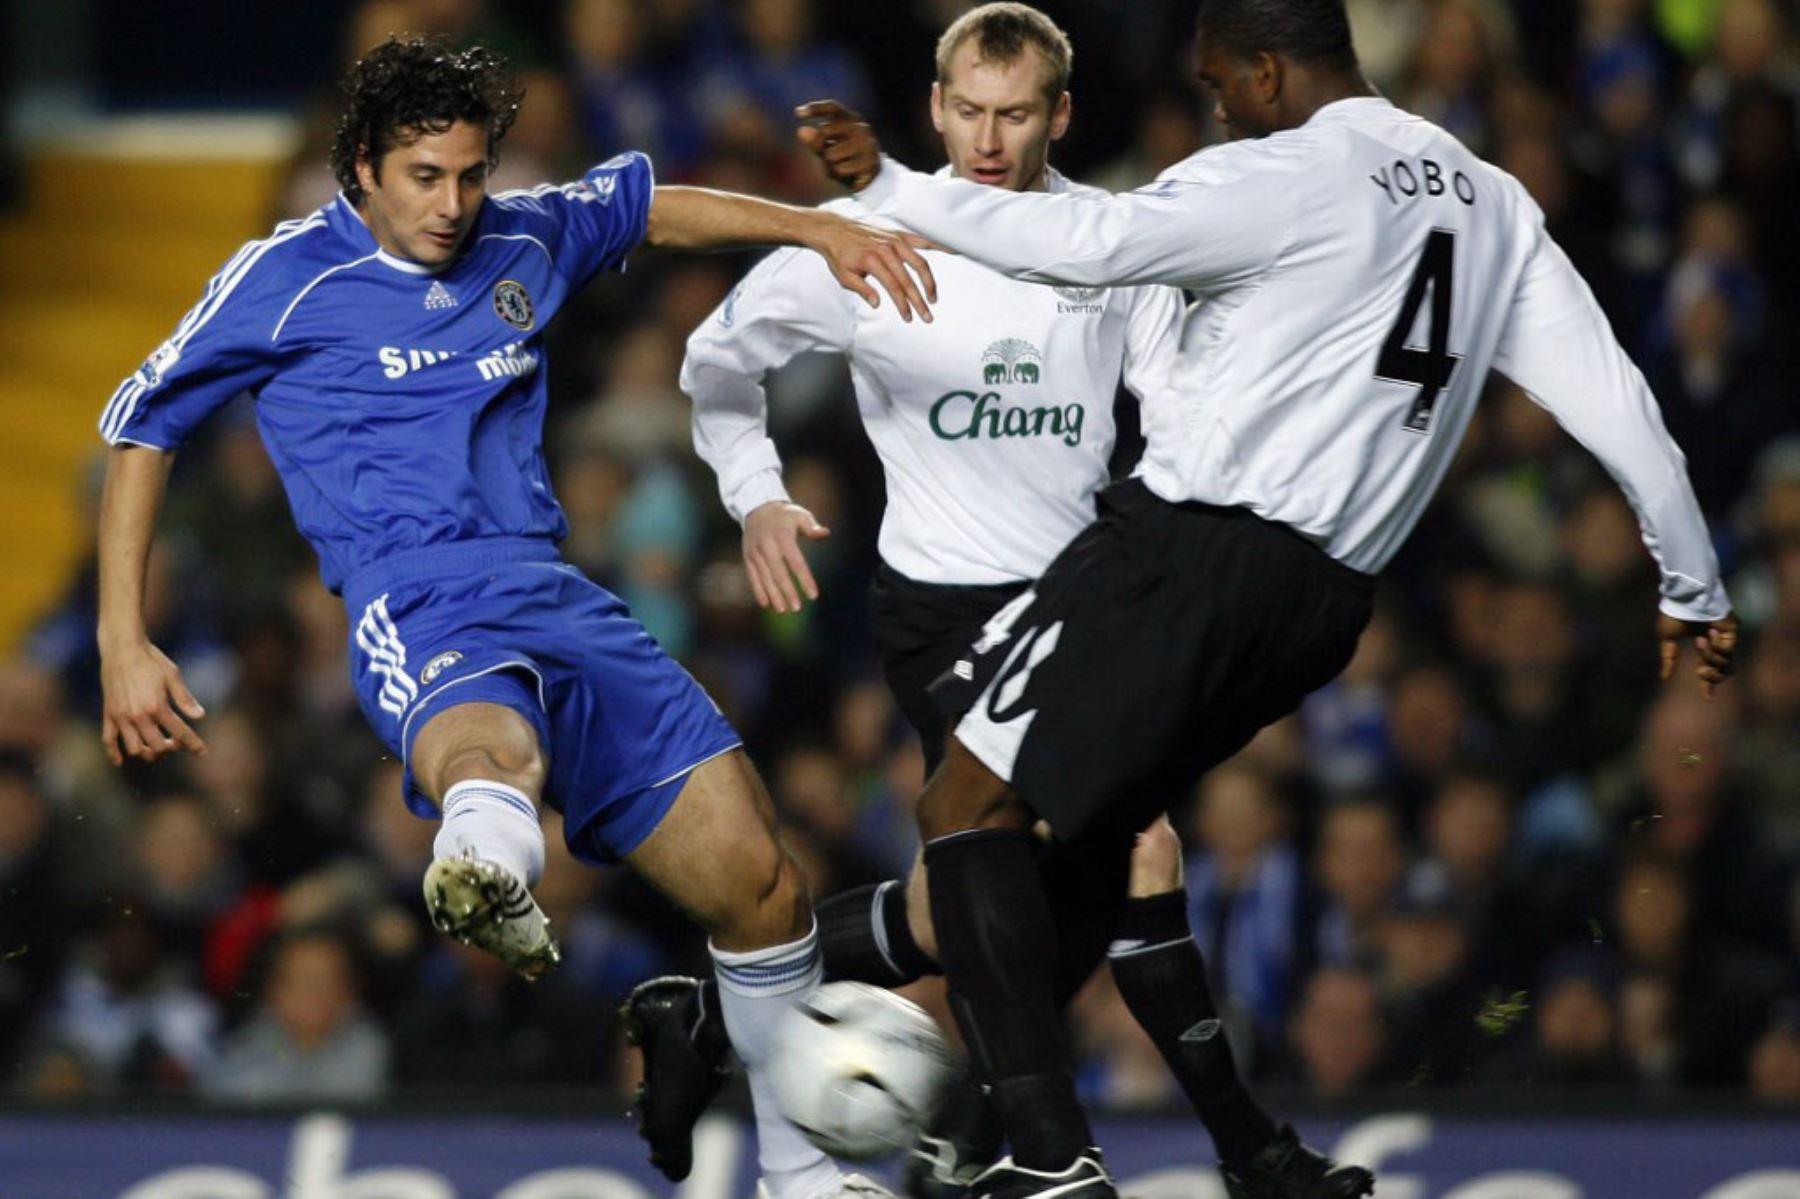 Claudio Pizarro  del Chelsea compite con Joseph Yobo del Everton durante su partido de ida en la semifinal de la Carling Cup en Stamford Bridge en Londres. Foto: AFP